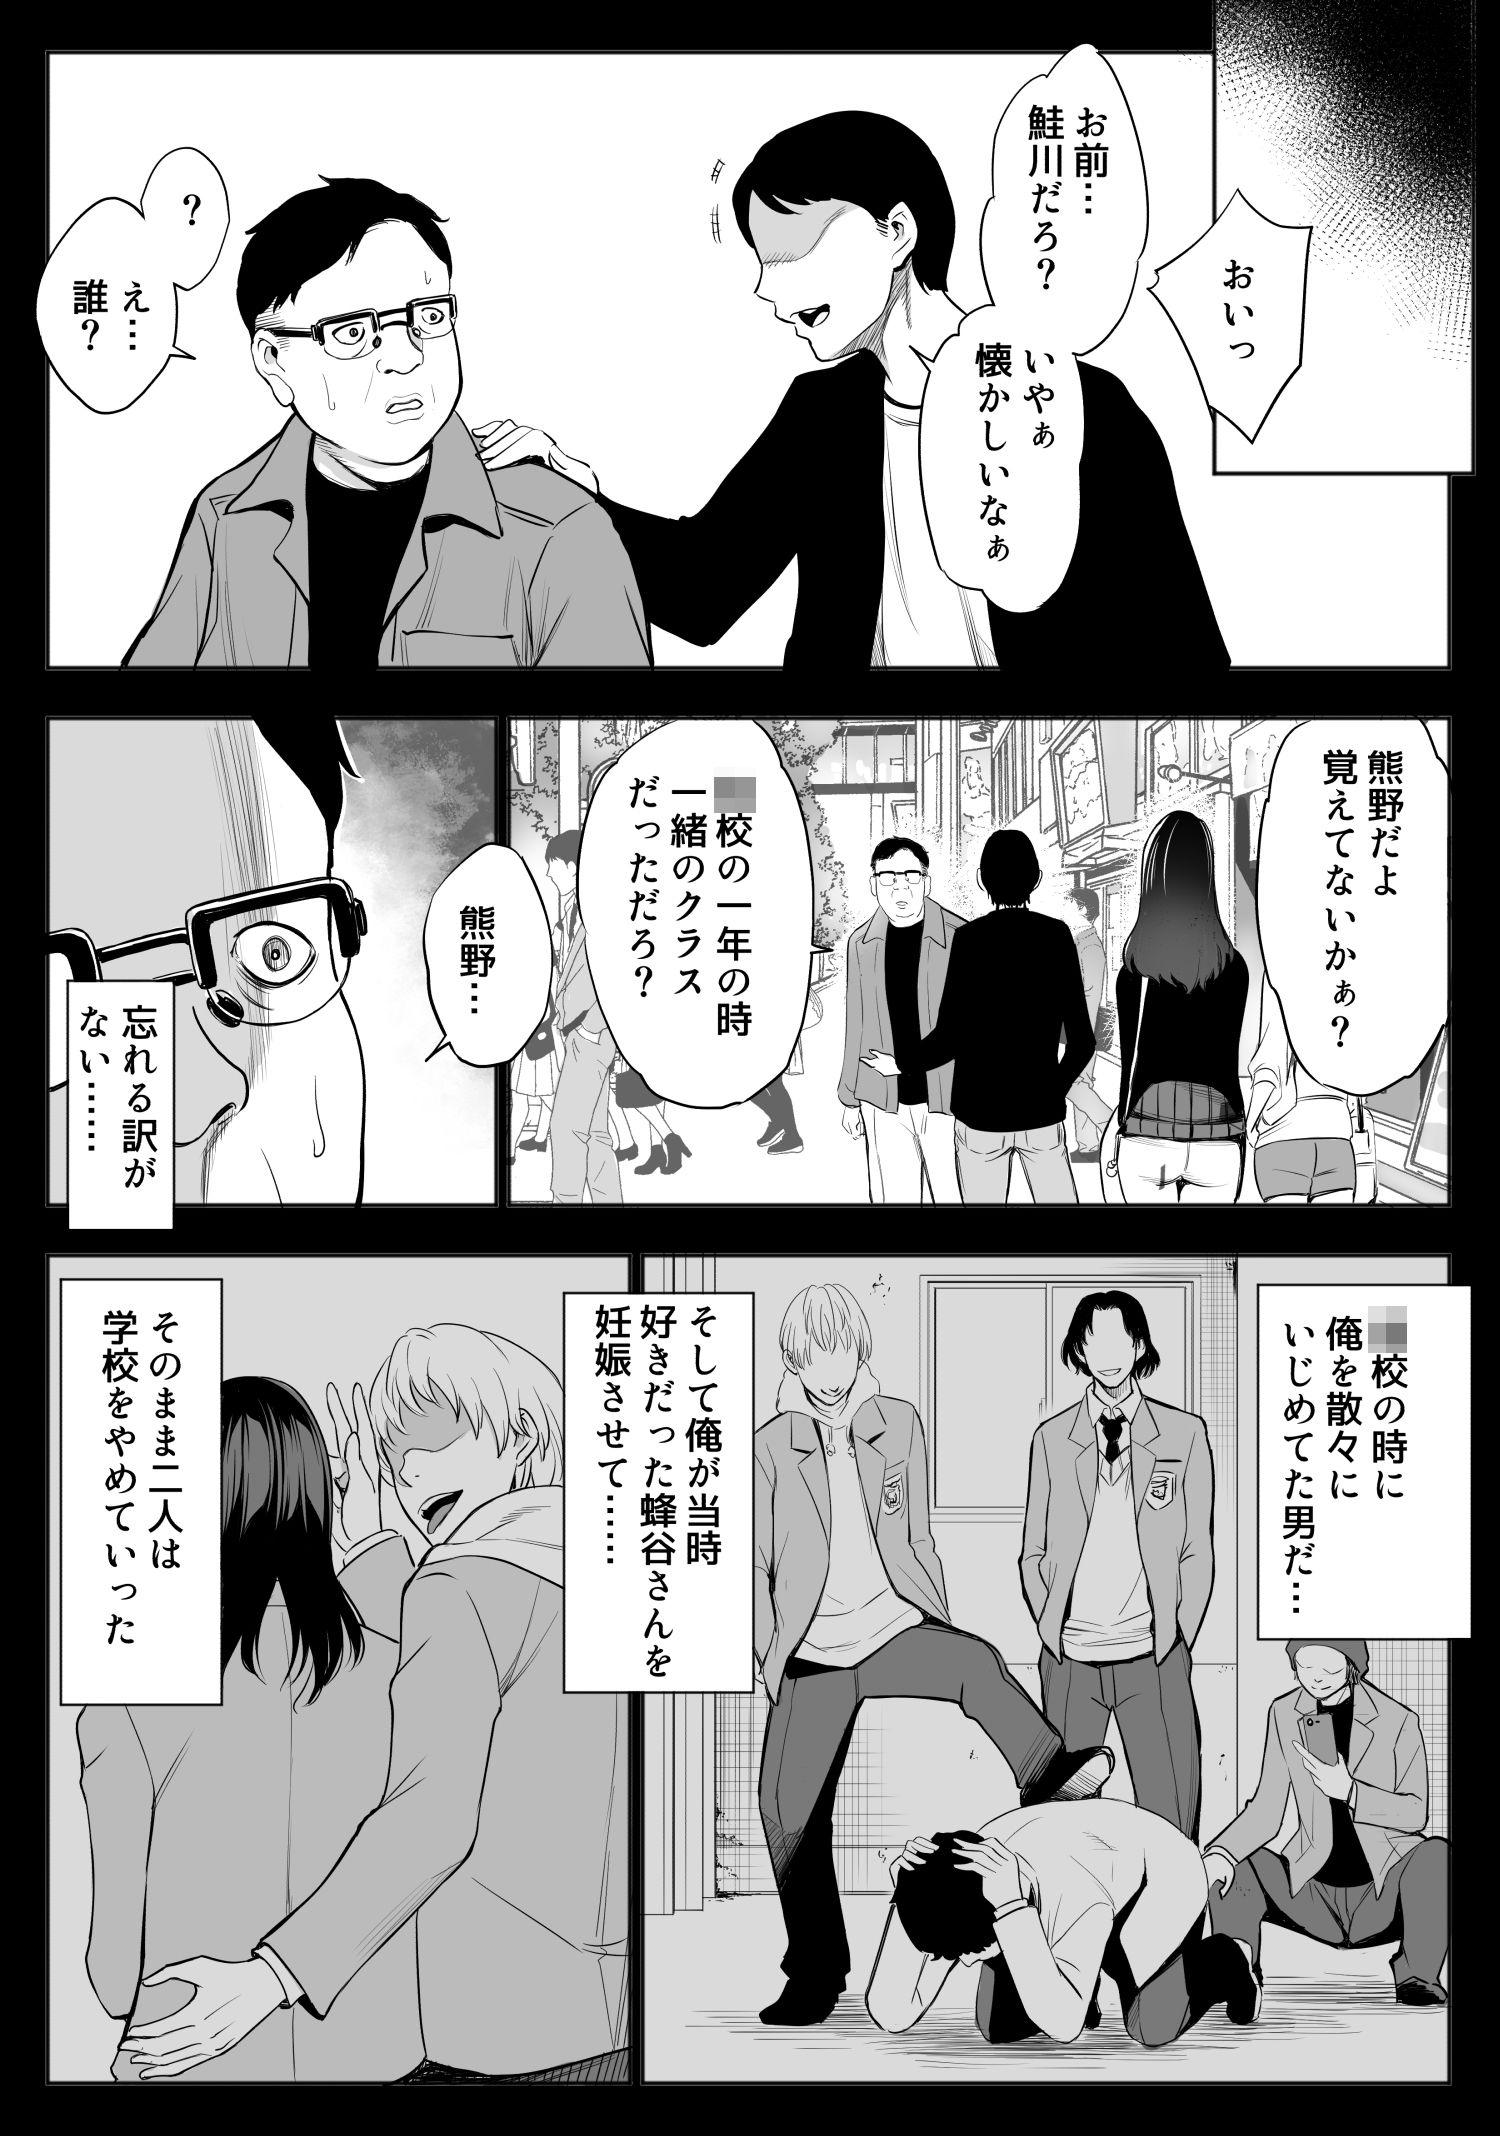 【エロ漫画無料大全集】学生時代に好きだった女は人妻風俗嬢となって俺の前に現れた!?